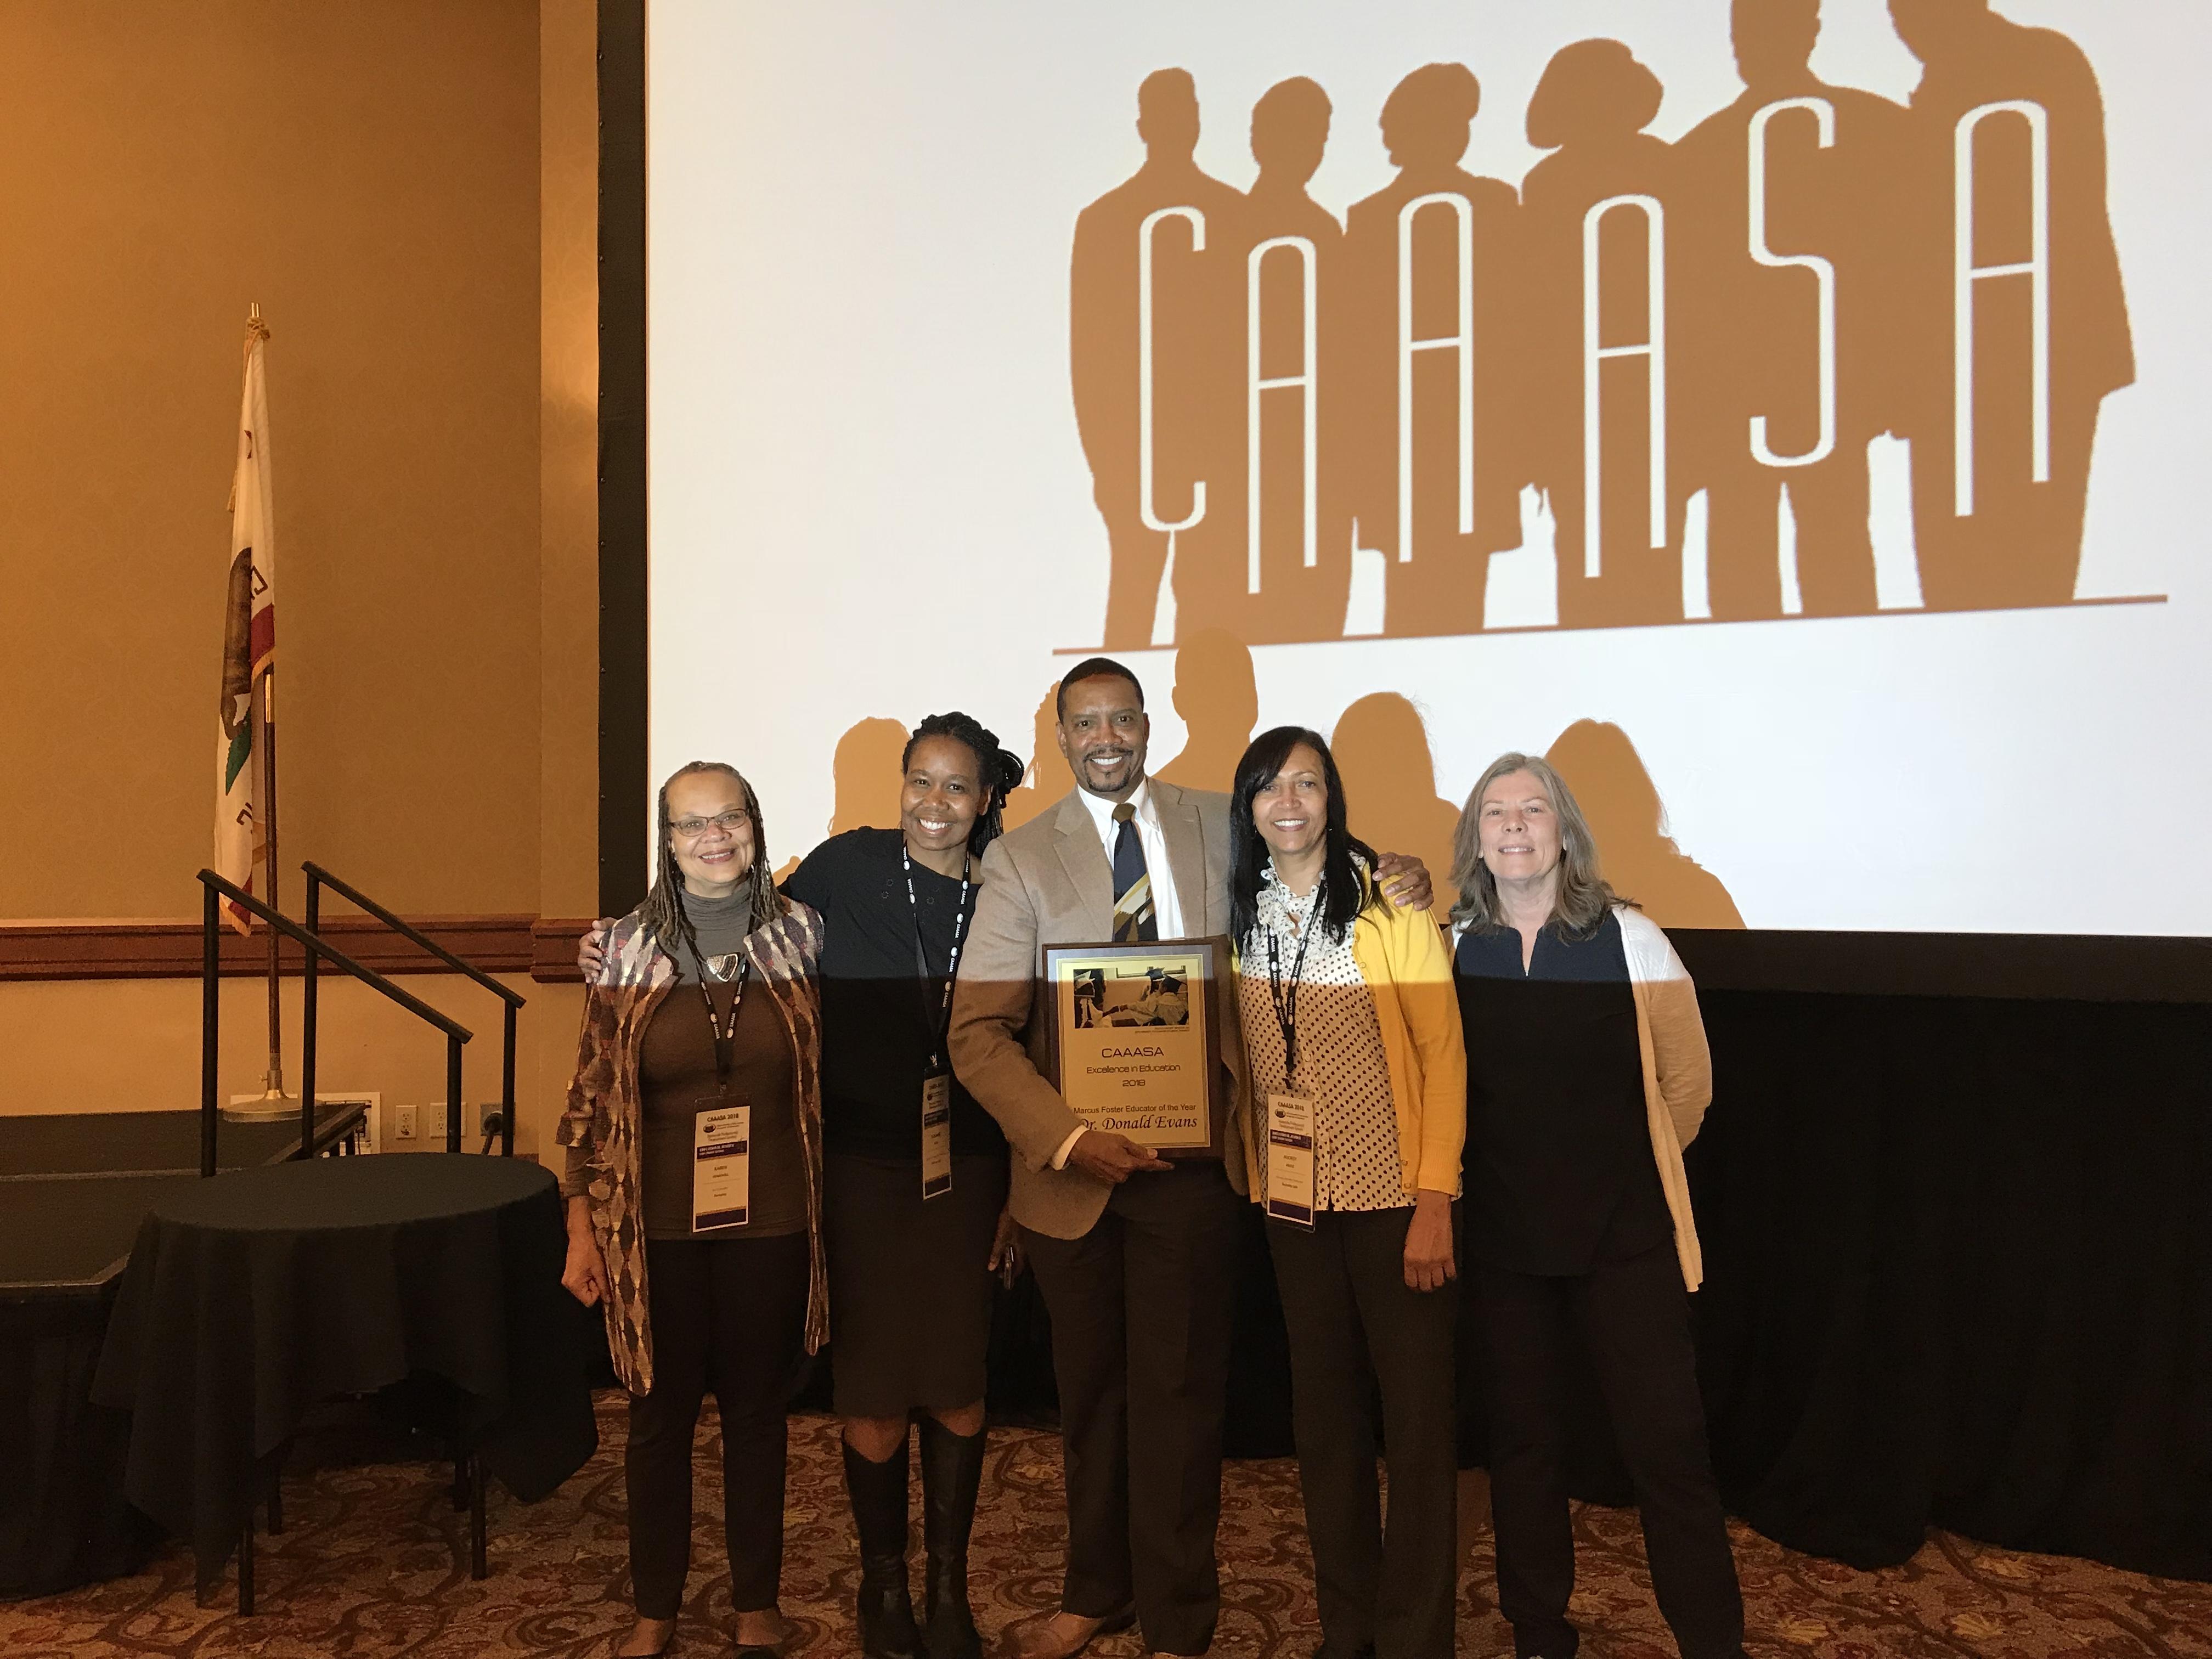 Donald Evans at CAAASA Awards